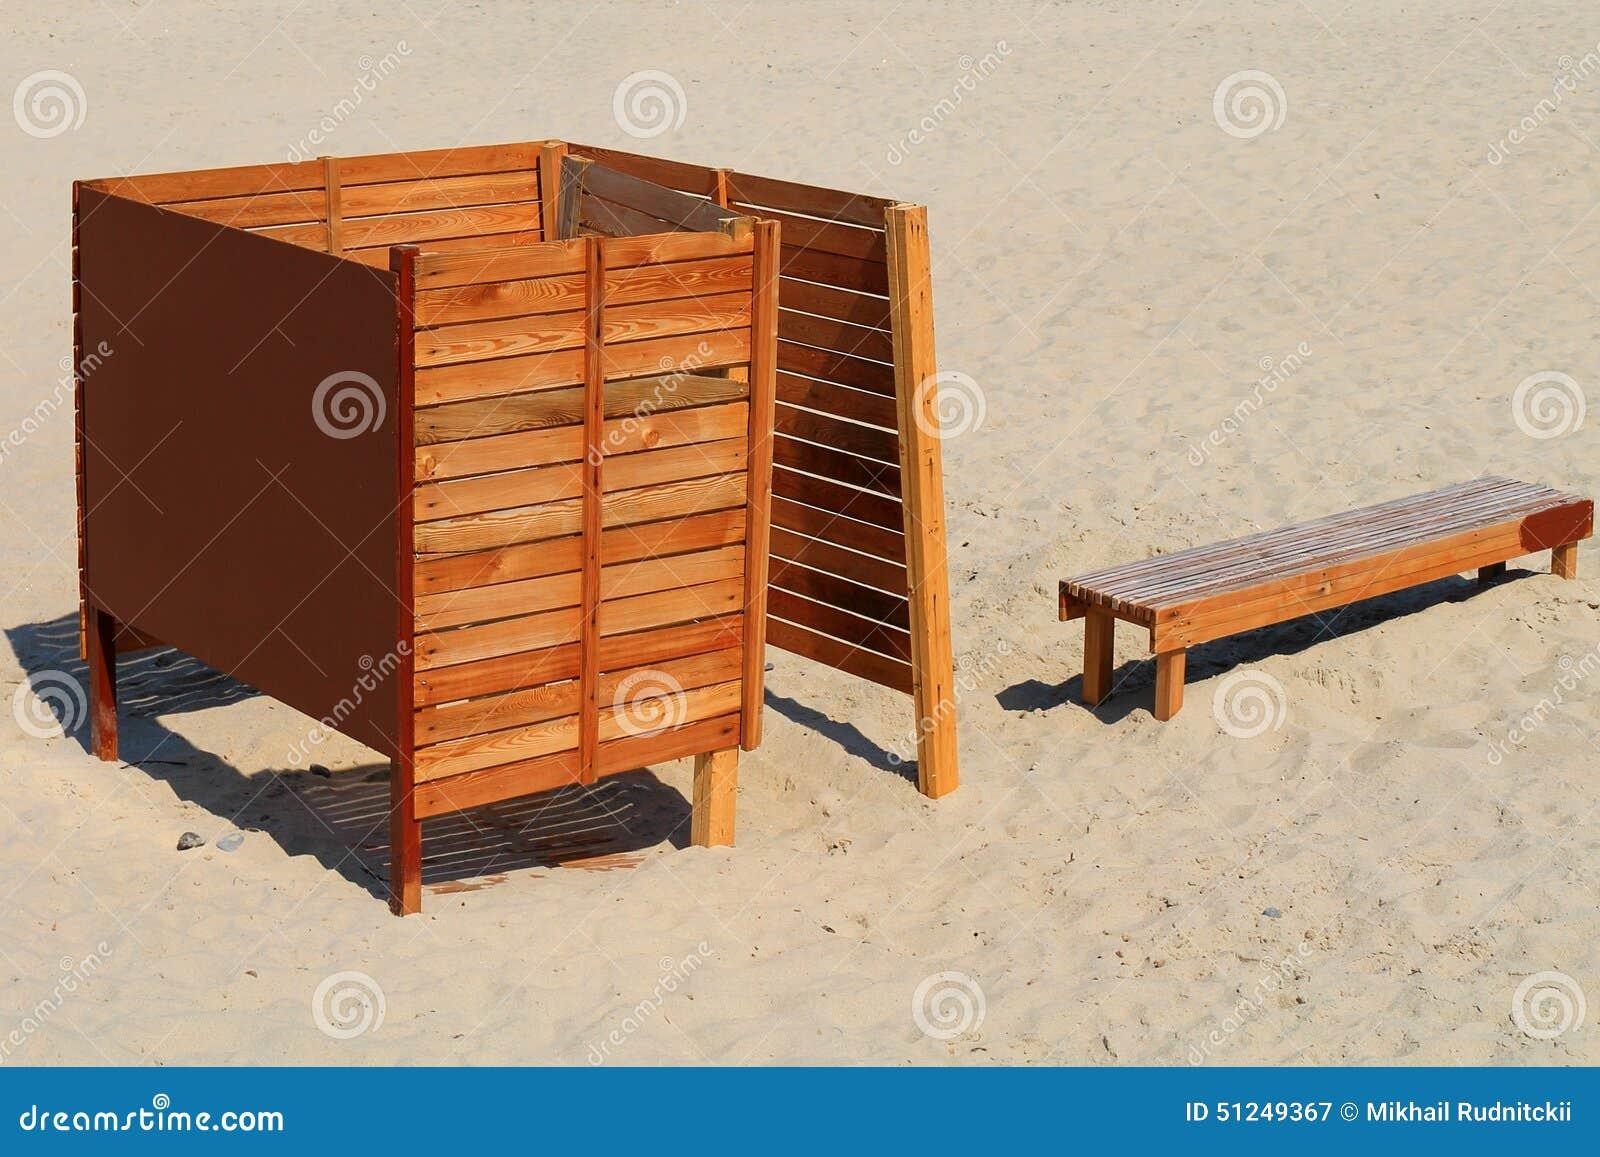 Фото кабинки для пляжа